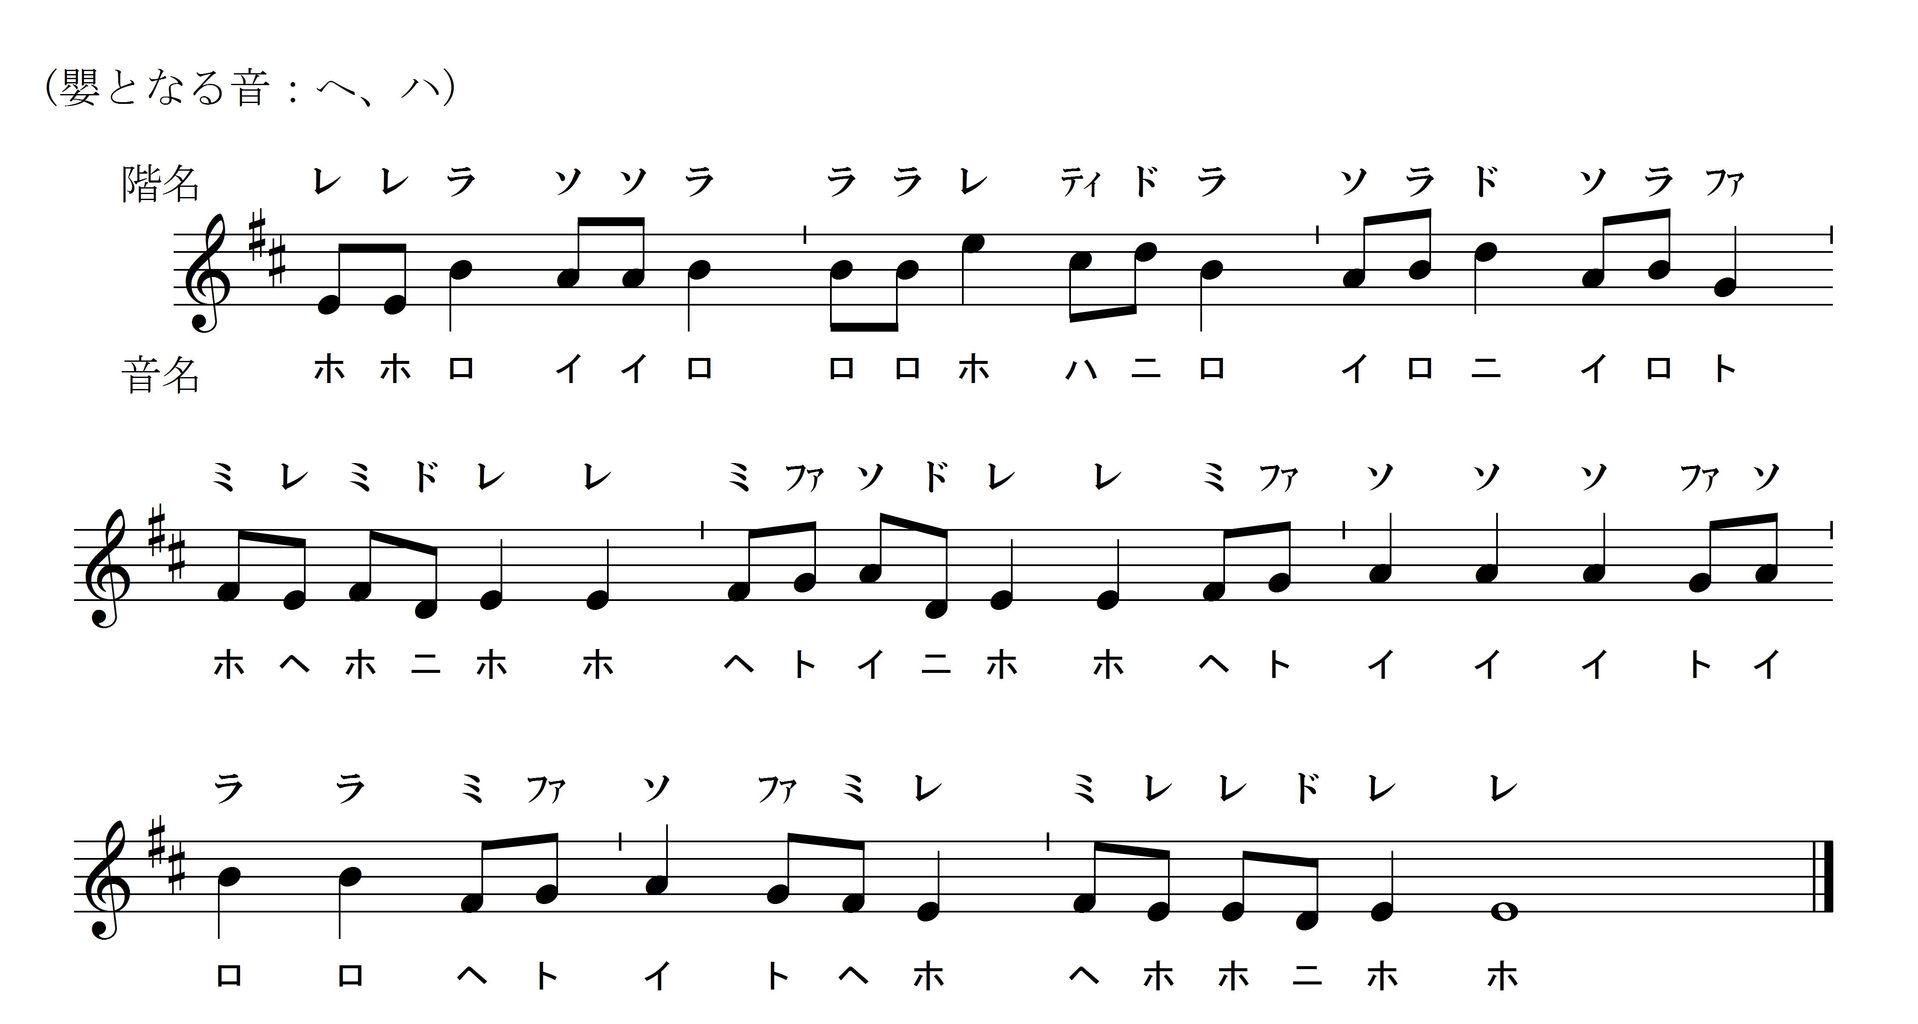 喜びの歌 (KAT-TUNの曲)